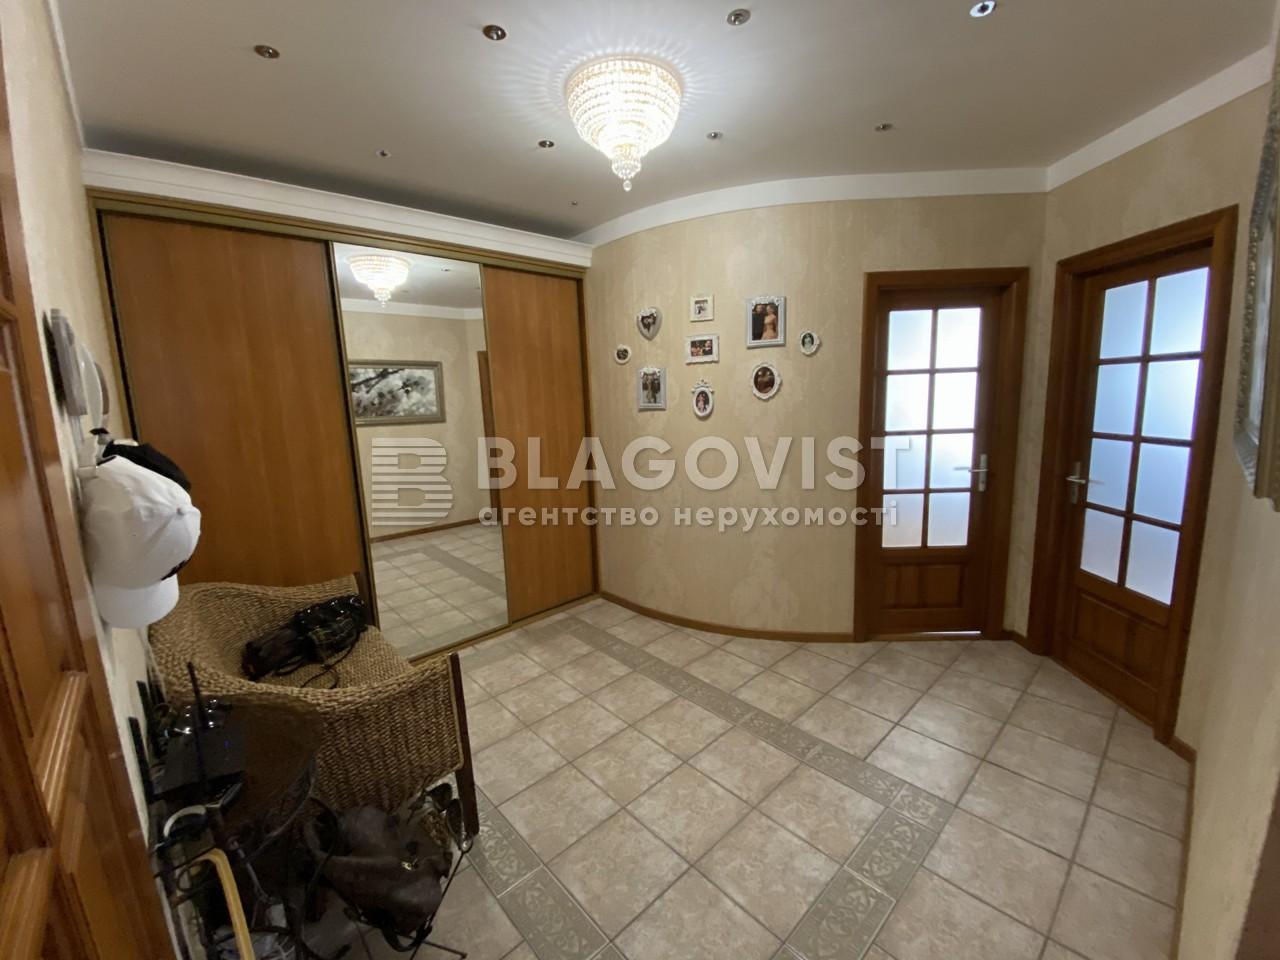 Квартира R-39990, Героев Сталинграда просп., 14г, Киев - Фото 39